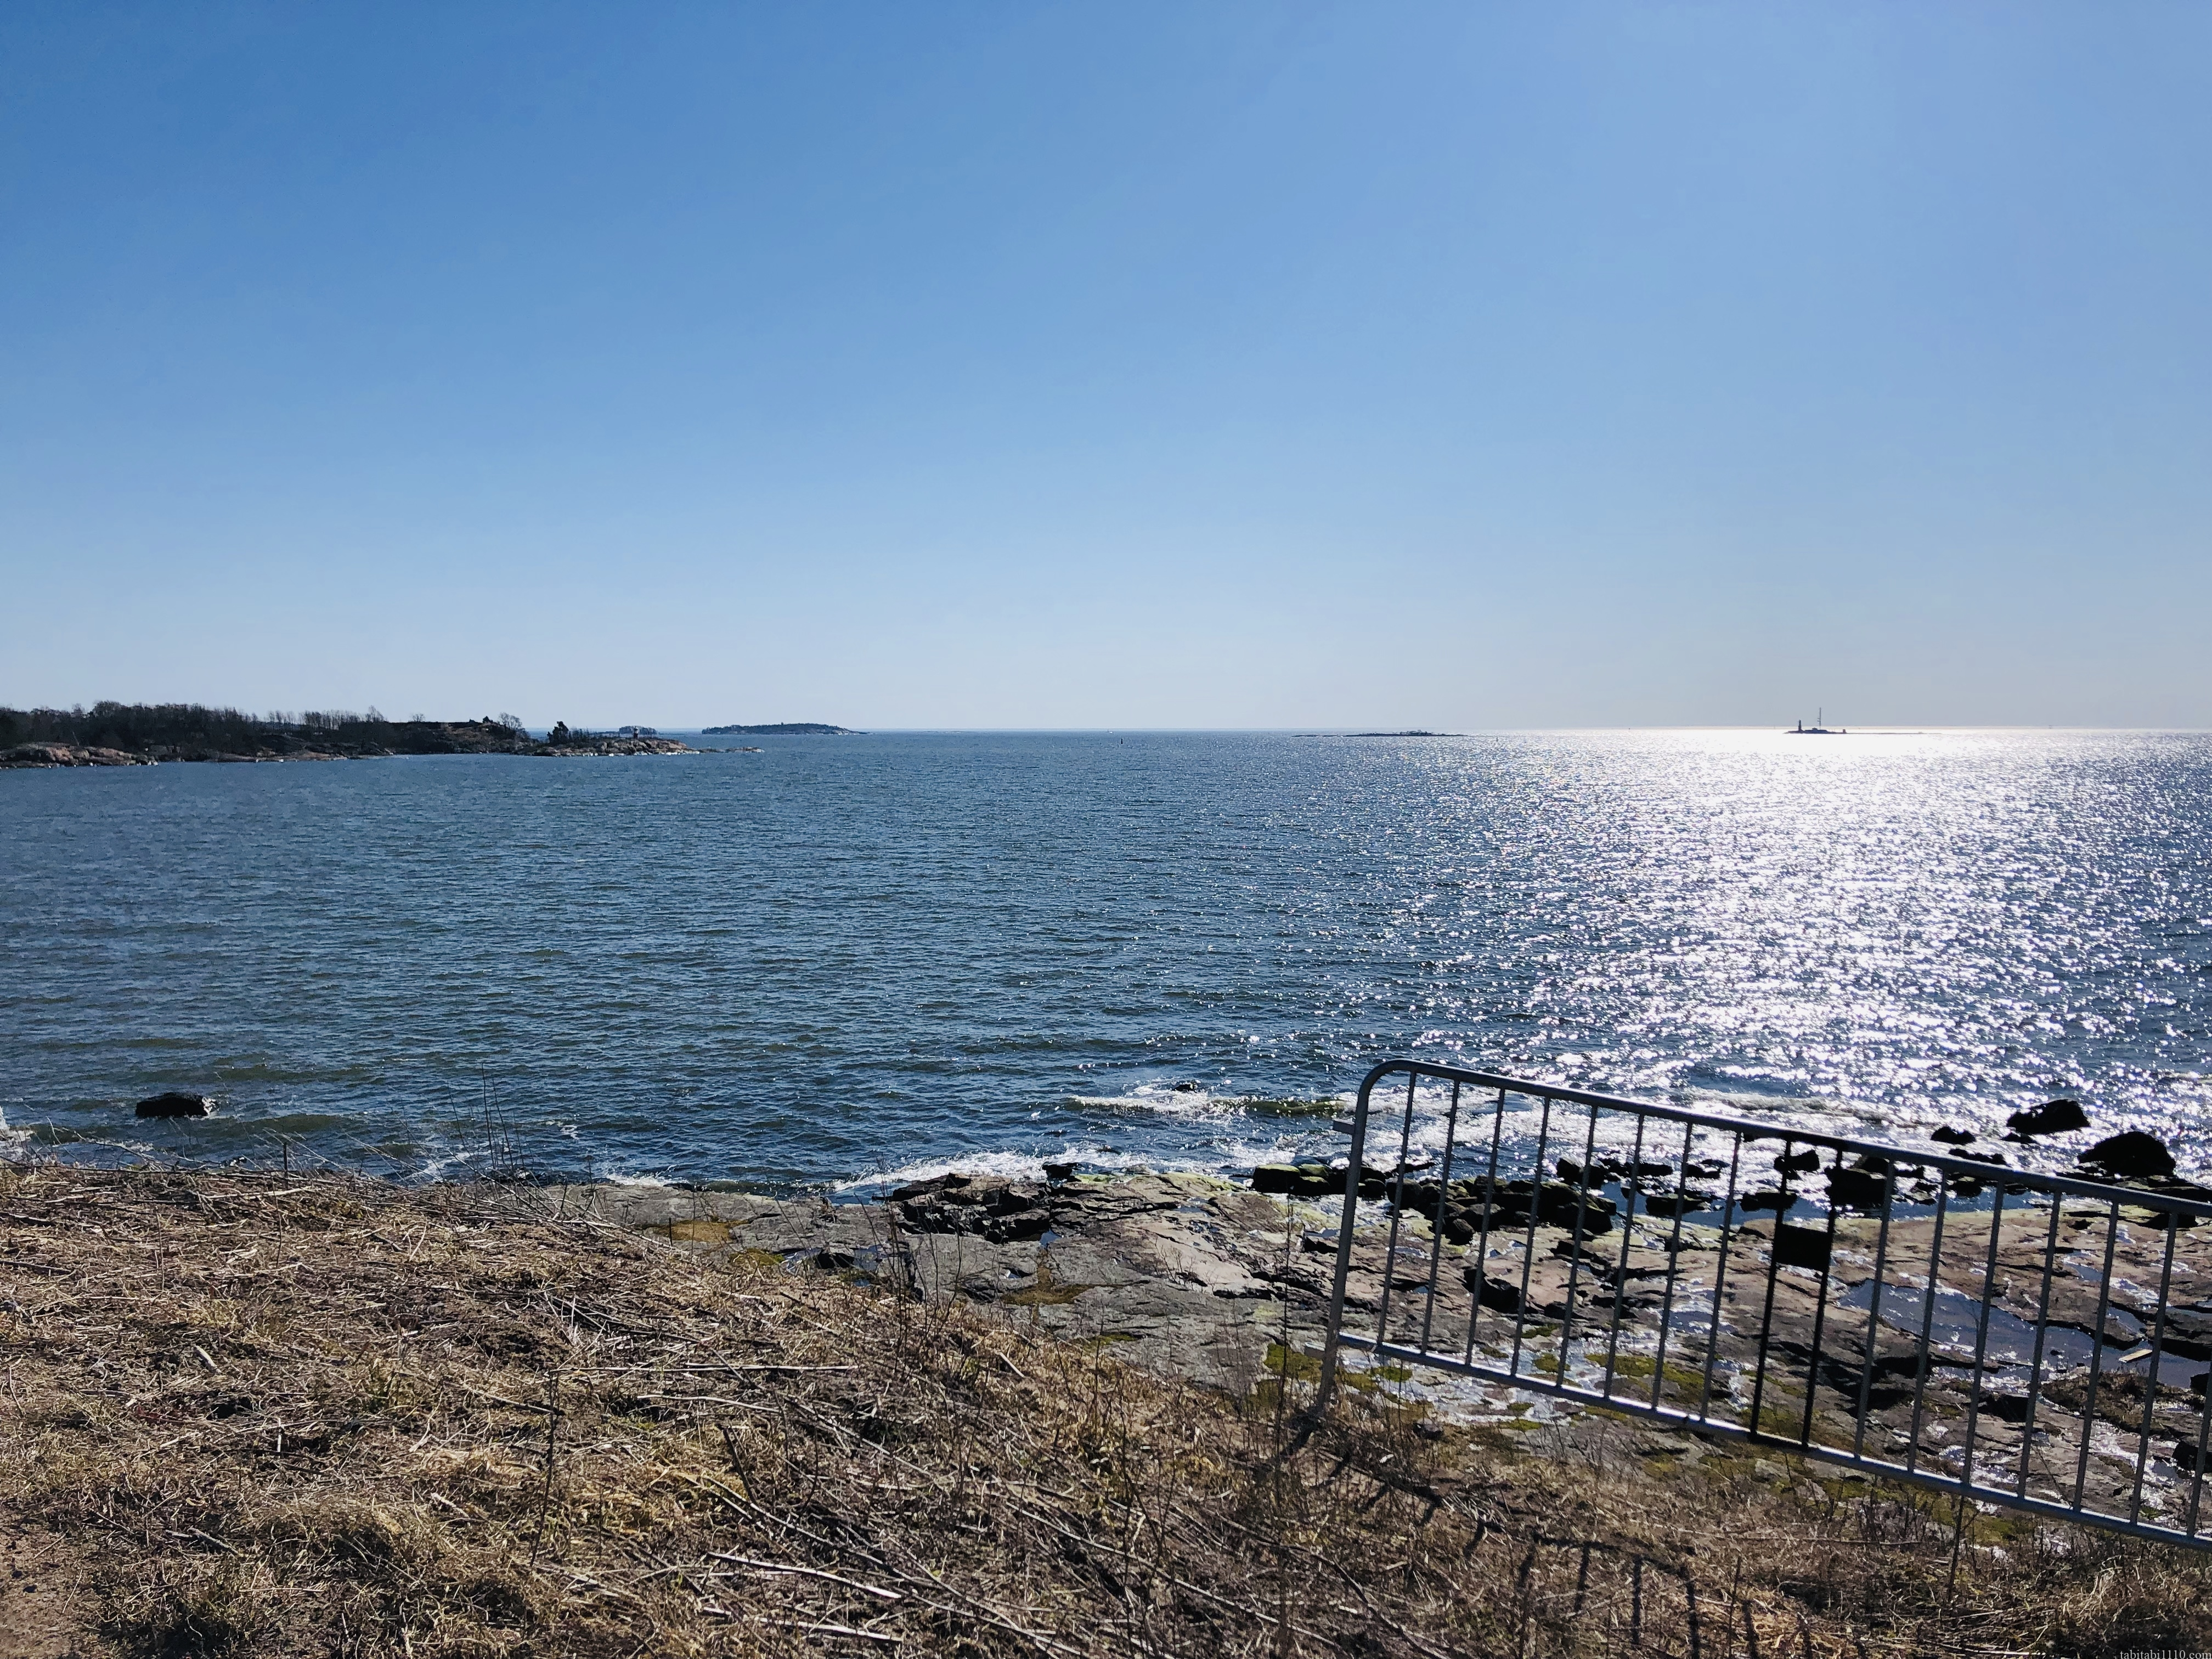 スオメンリンナから見た海